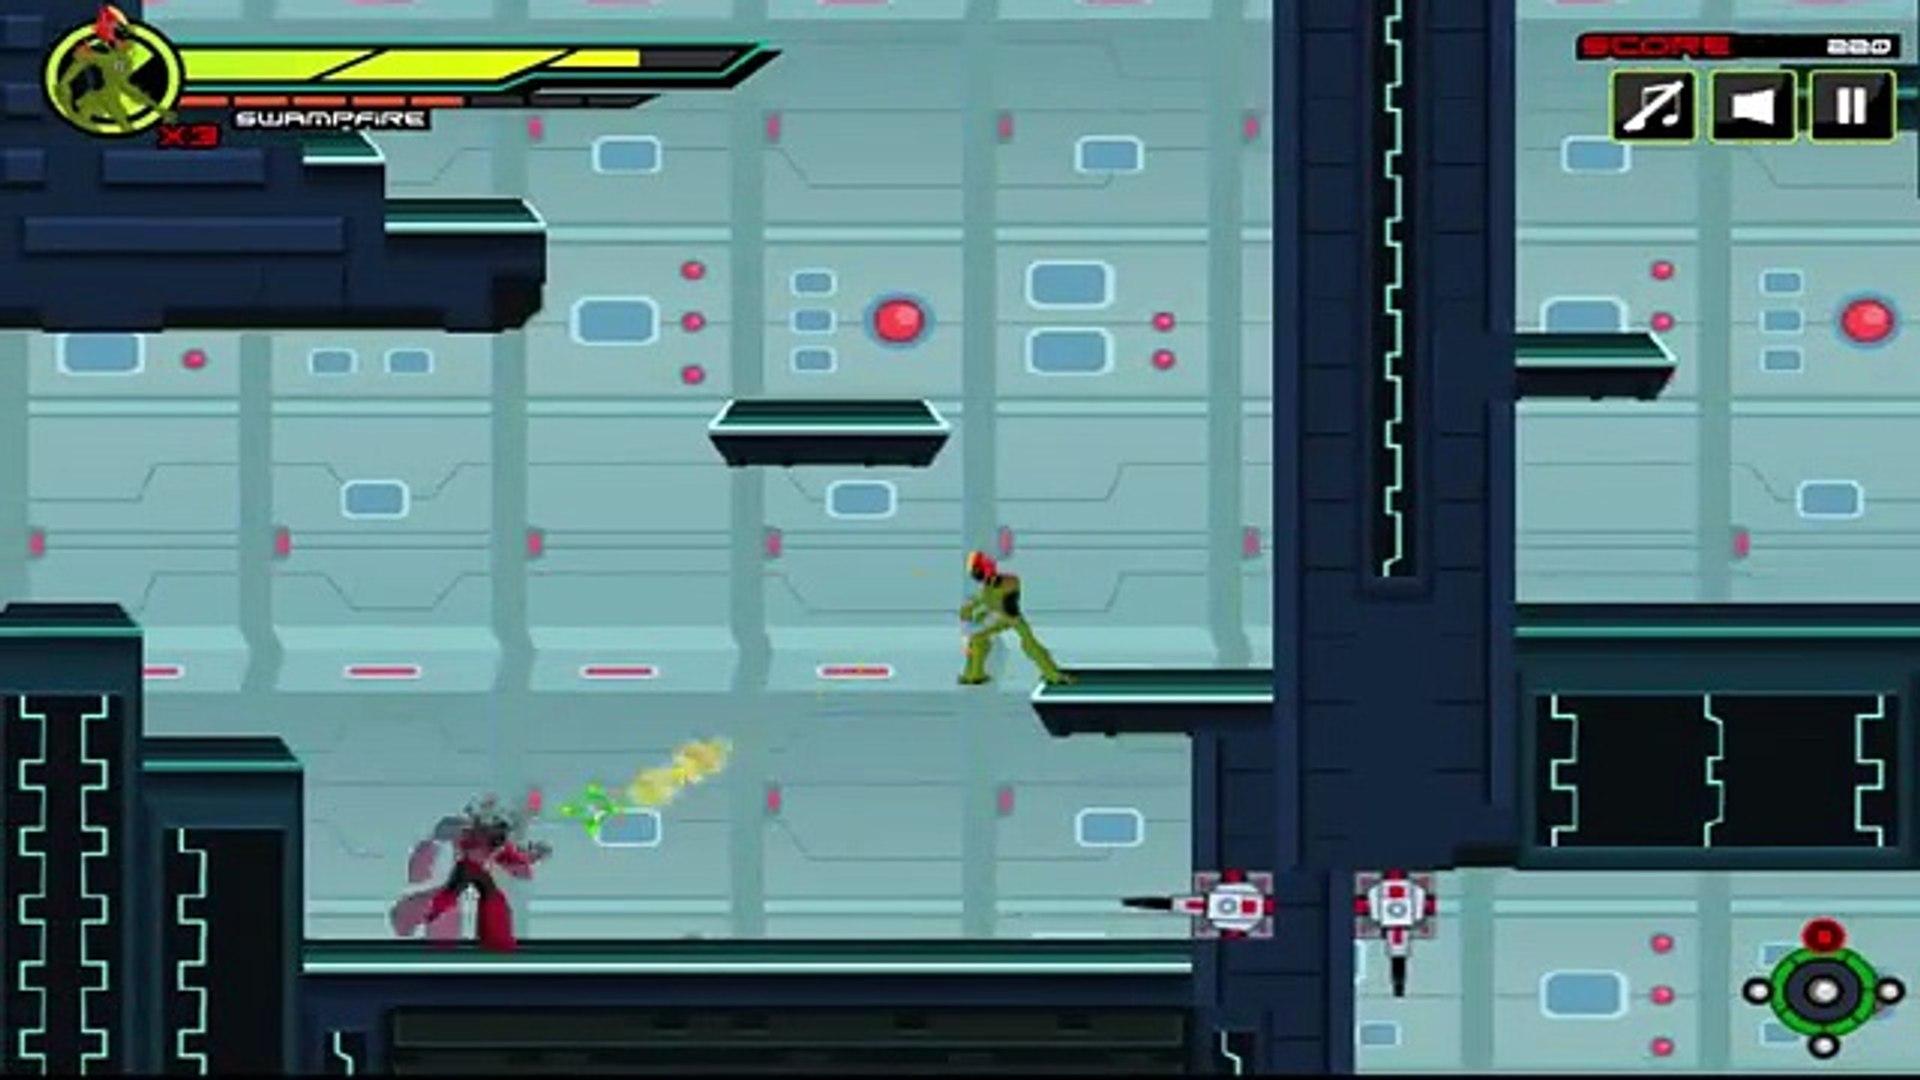 Ben 10 - Ultimate Alien Rescue - Ben 10 Games